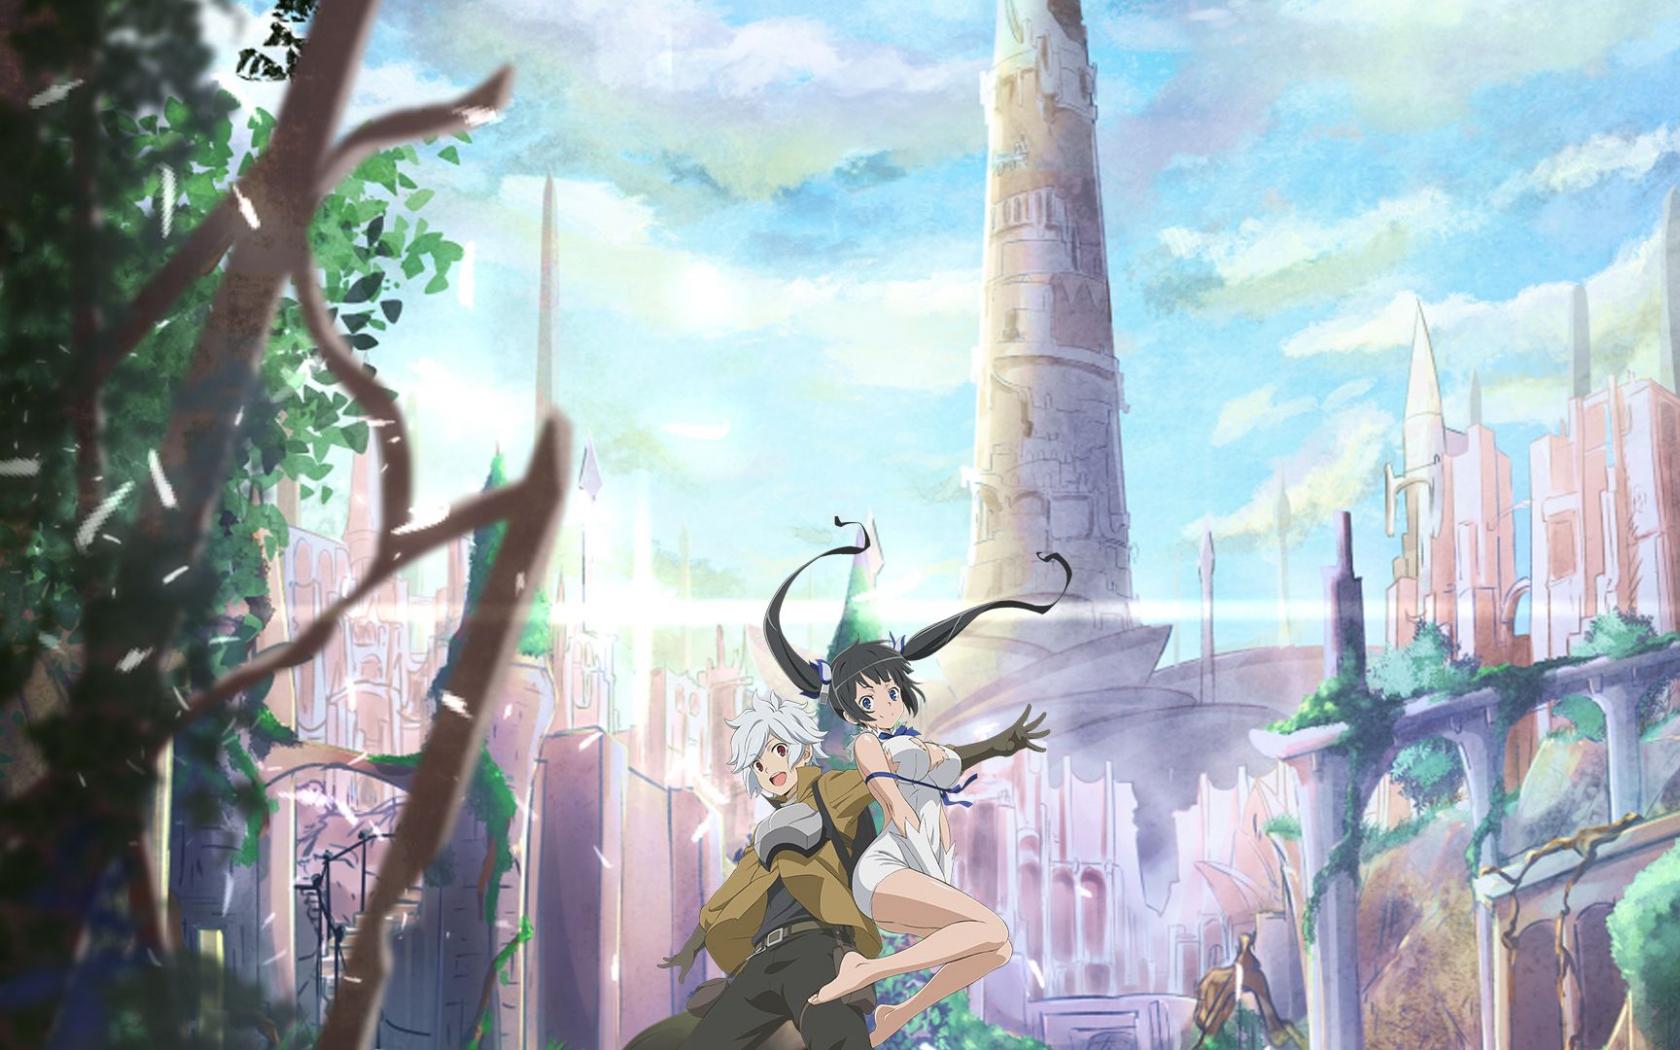 Free Download Danmachi Wallpaper 3 Hotarubi No Mori E Dungeon Ni